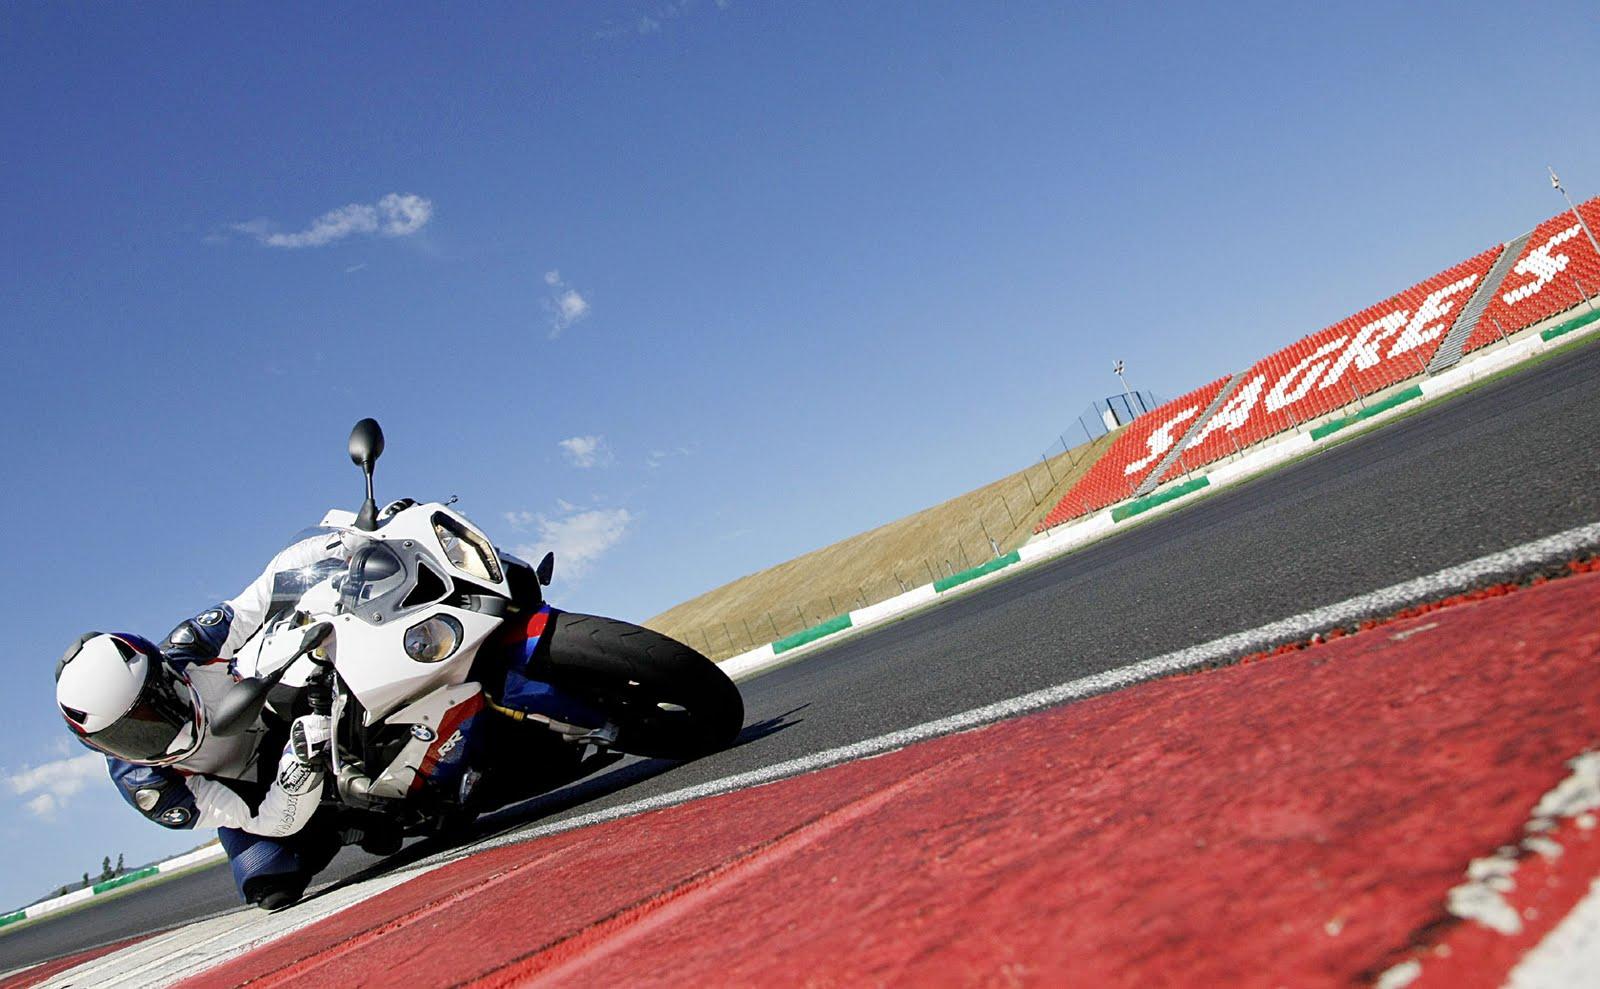 http://1.bp.blogspot.com/-RJ0smF8fLa8/TeJ7yrcfaRI/AAAAAAAAAS8/kyQgUS3tOoE/s1600/2010-BMW-S1000RR-Action.jpg